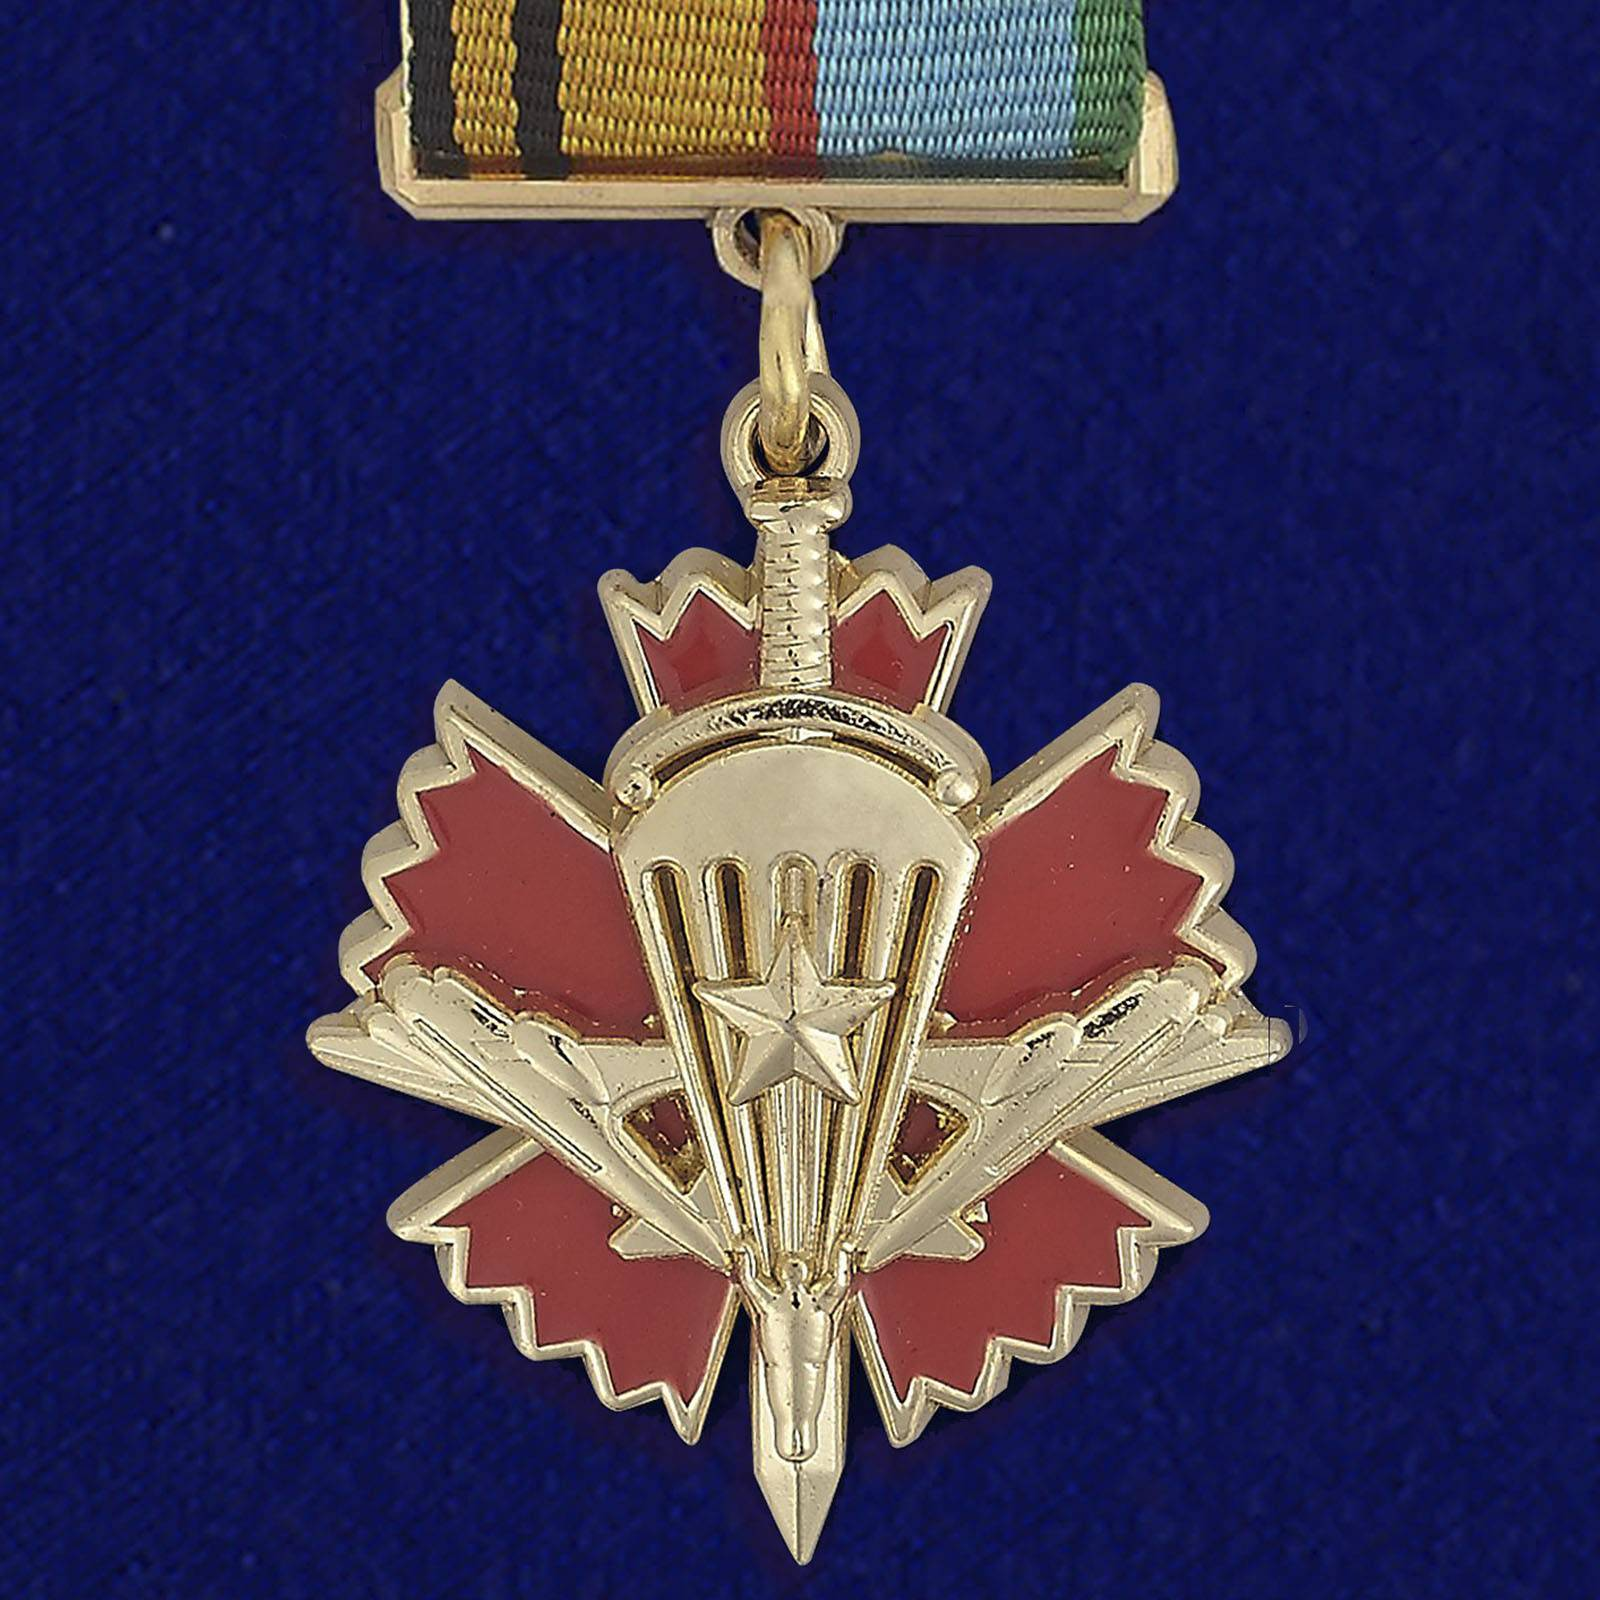 § 44. воздушно-десантные войска, их состав и предназначение